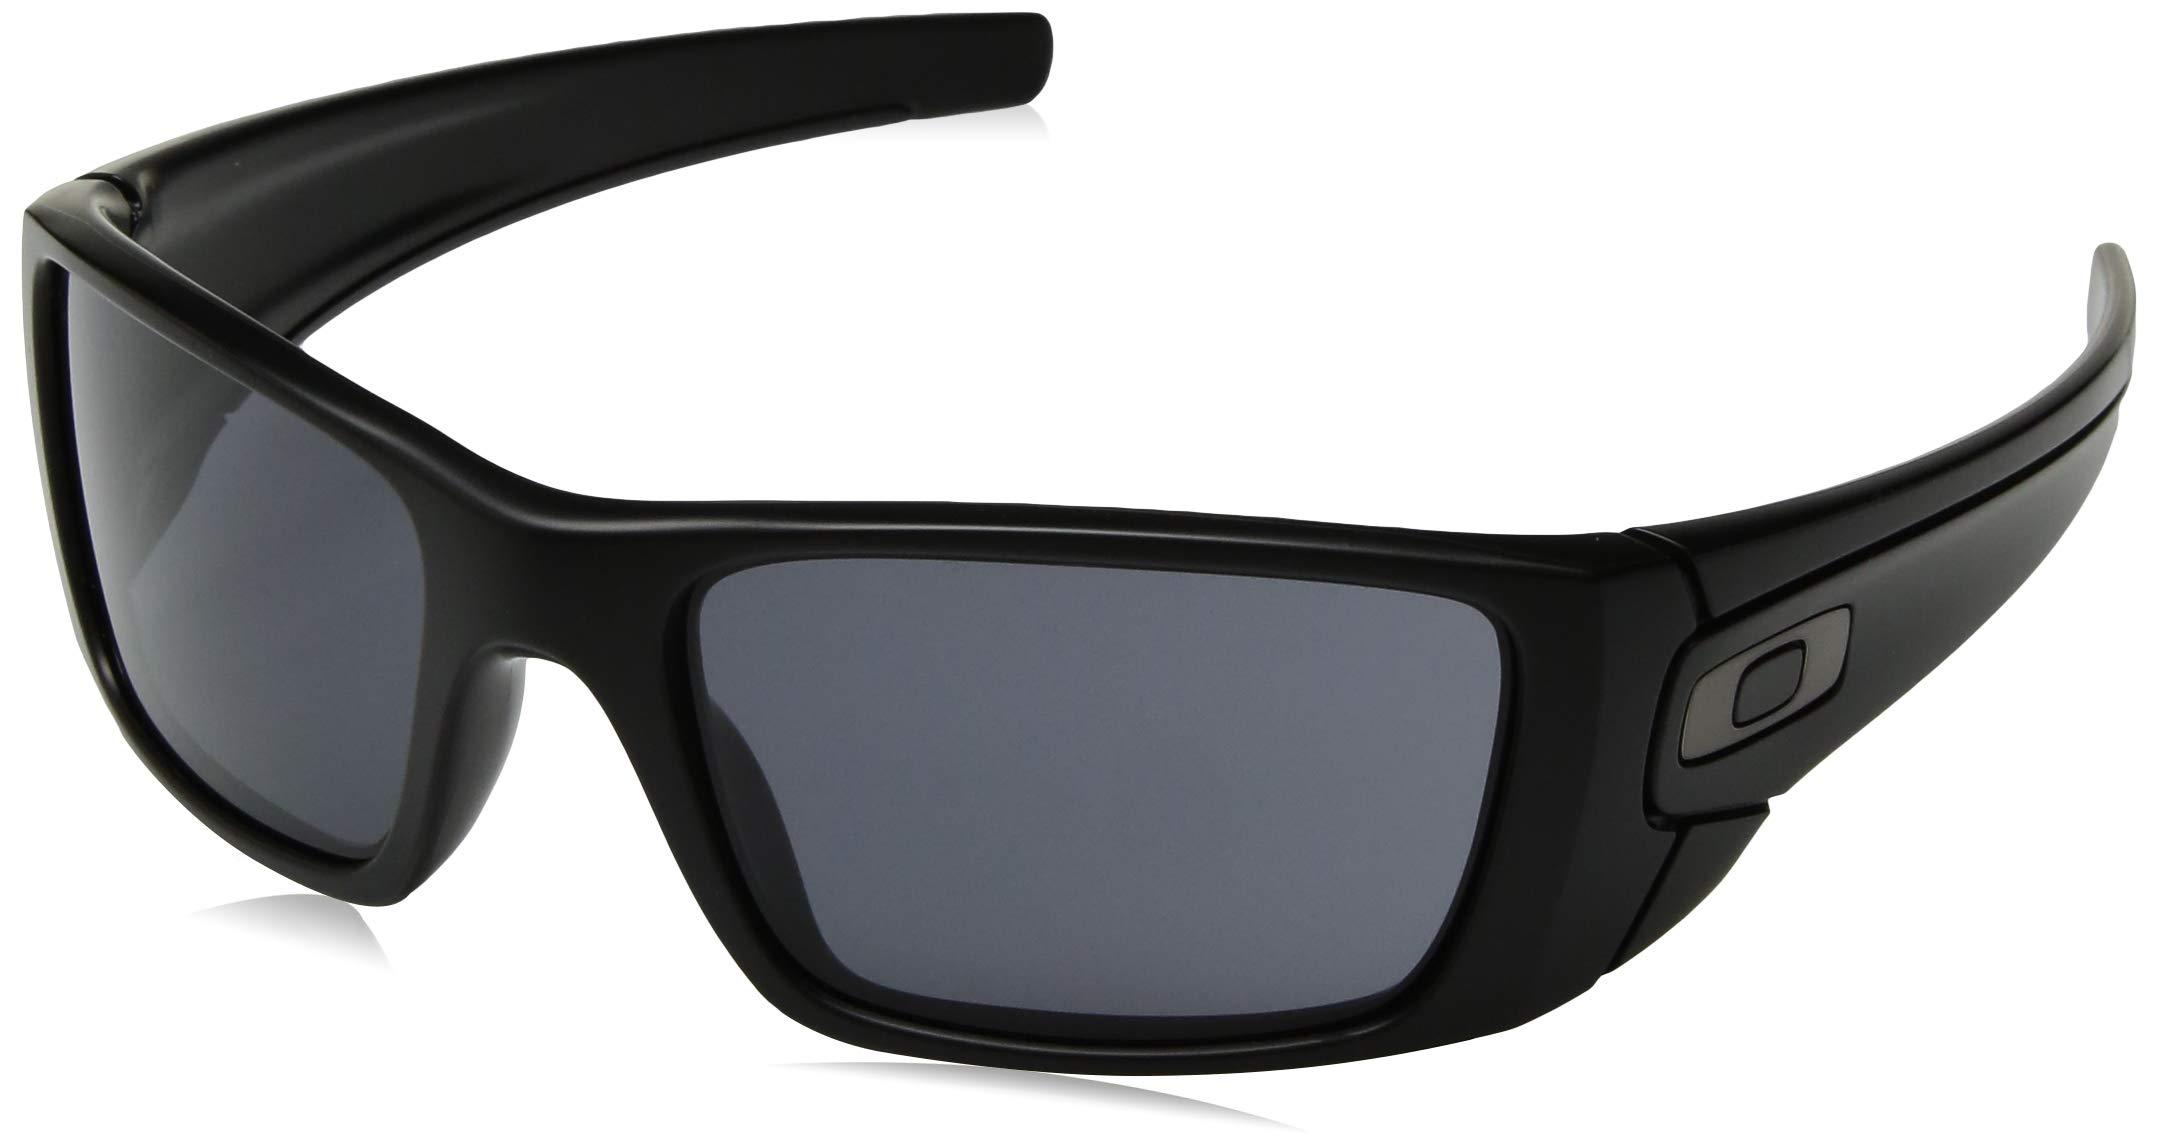 Oakley Men's OO9096 Fuel Cell Rectangular Sunglasses, SI Matte Black/Grey, 60 mm by Oakley